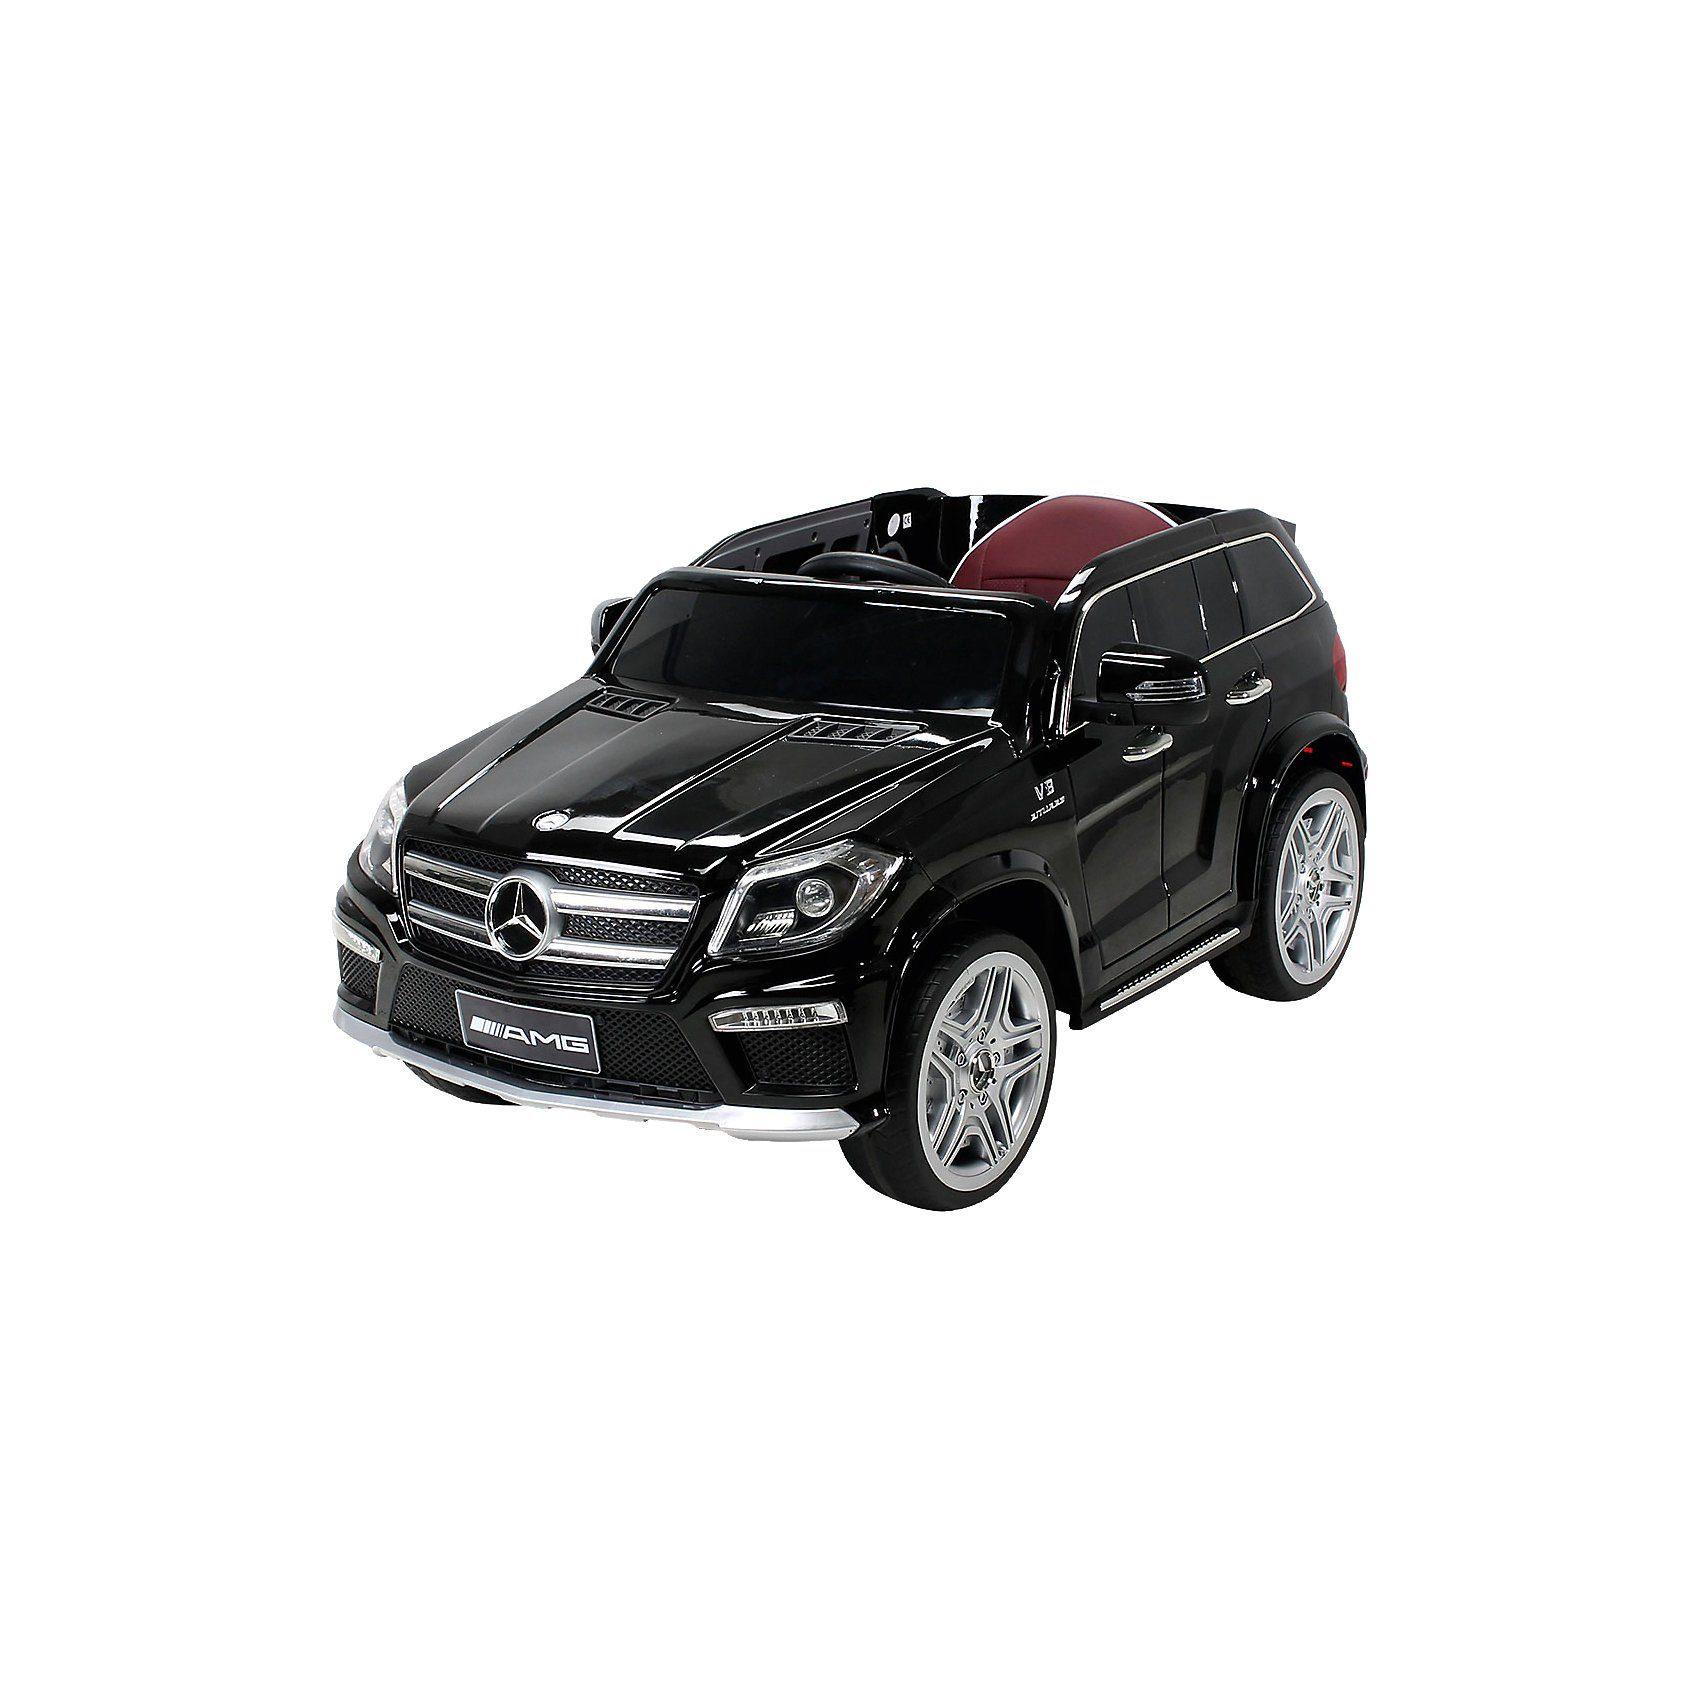 Kinder Elektroauto Mercedes GL63 AMG Lizenziert, schwarz